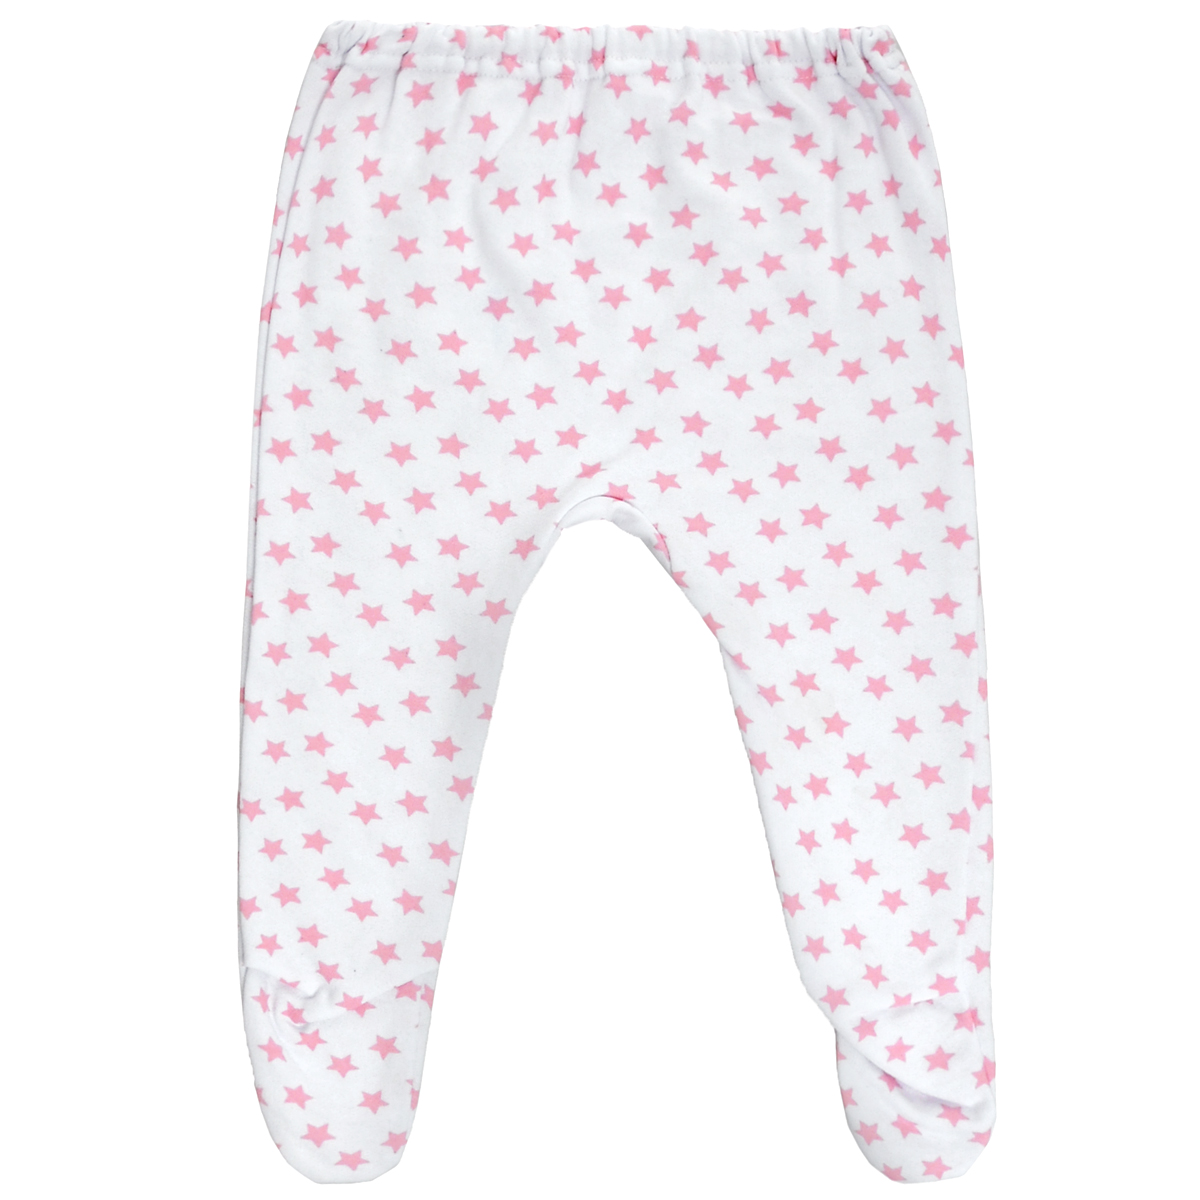 Ползунки Трон-Плюс, цвет: белый, розовый, рисунок звезды. 5256. Размер 68, 6 месяцев5256Ползунки для новорожденного Трон-Плюс послужат идеальным дополнением к гардеробу вашего ребенка, обеспечивая ему наибольший комфорт.Модель, изготовленная из футерованного полотна - натурального хлопка, необычайно мягкая и легкая, не раздражает нежную кожу ребенка и хорошо вентилируется, а эластичные швы приятны телу малыша и не препятствуют его движениям. Теплые ползунки с закрытыми ножками благодаря мягкому эластичному поясу не сдавливают животик младенца и не сползают, идеально подходят для ношения с подгузником. Они полностью соответствуют особенностям жизни ребенка в ранний период, не стесняя и не ограничивая его в движениях.